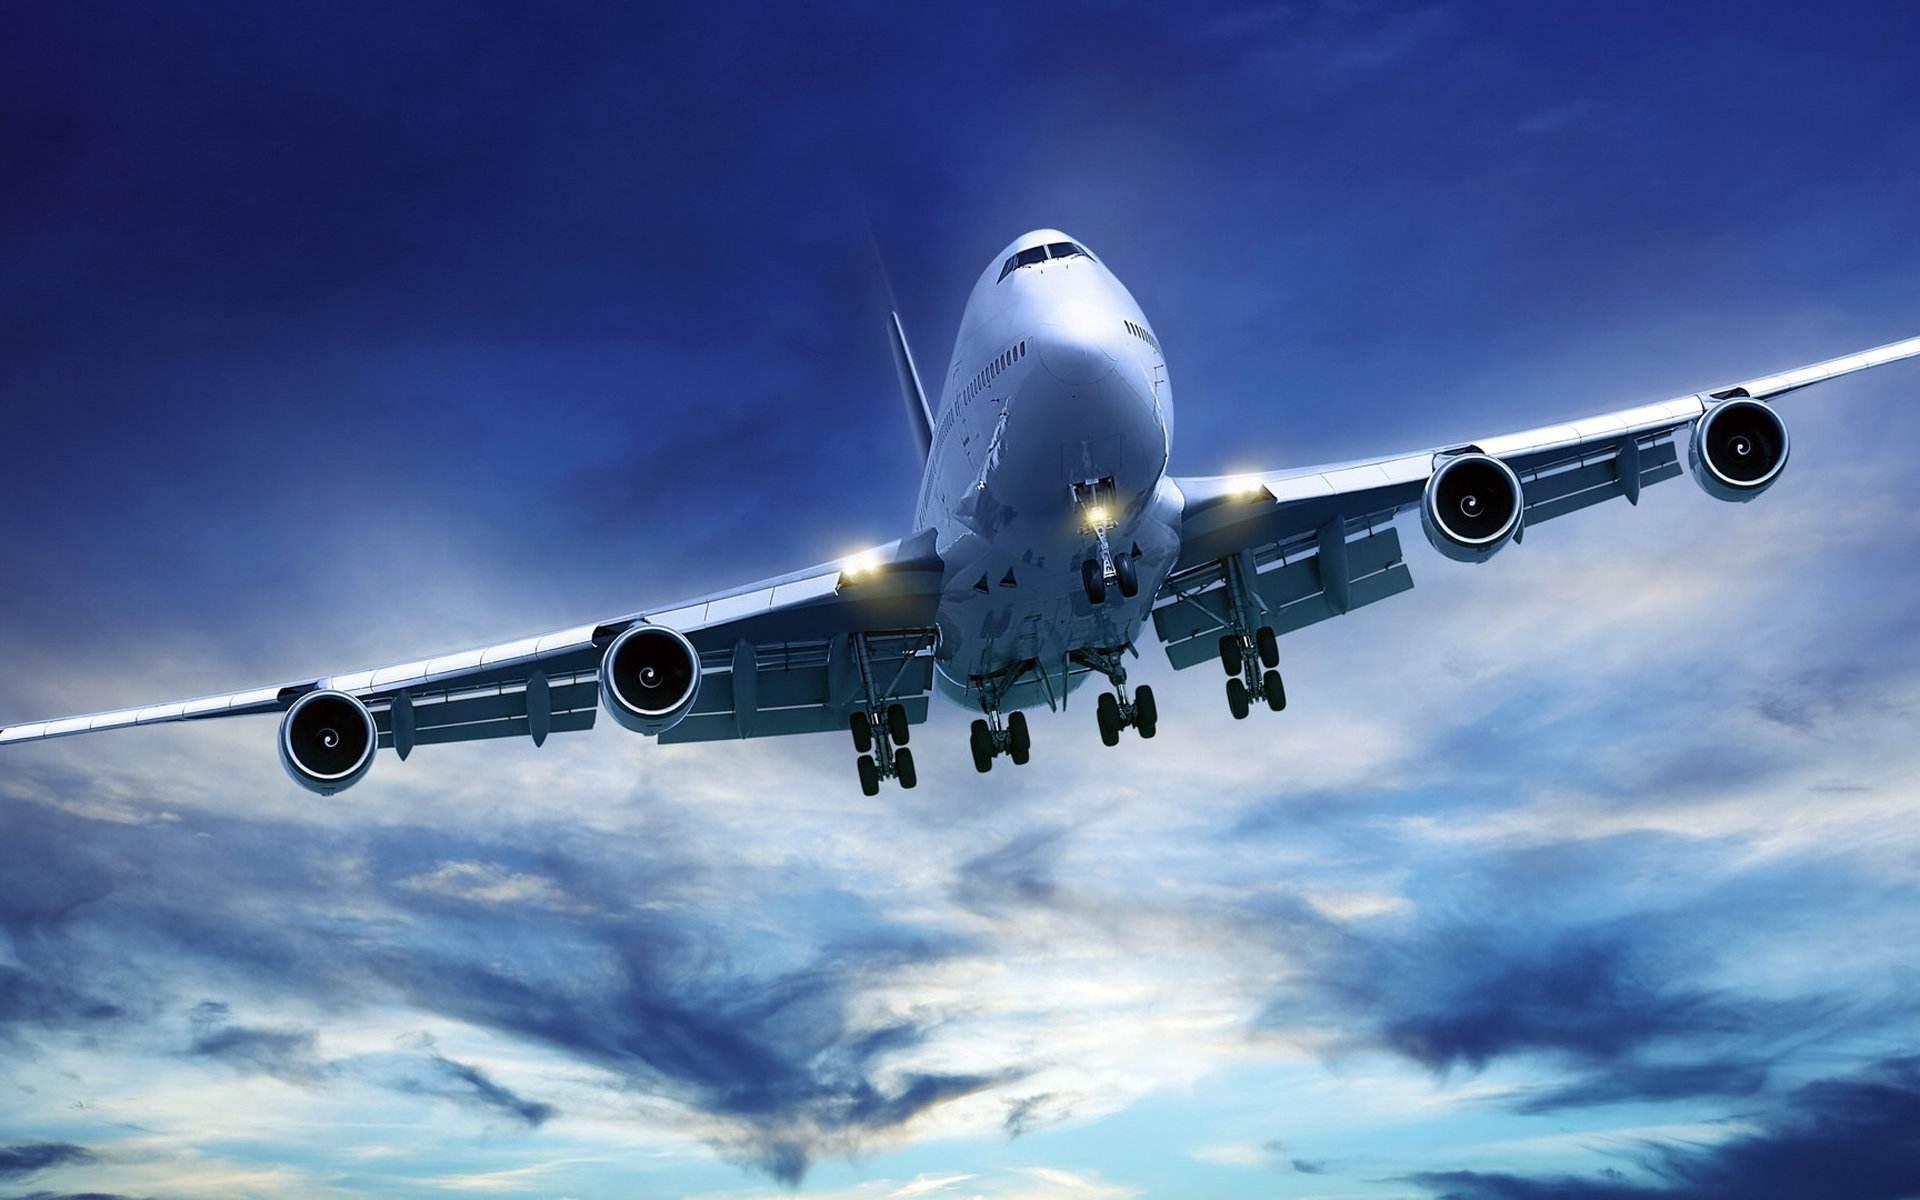 """飞机起飞后,广播里传出航空小姐热情的声音:"""""""